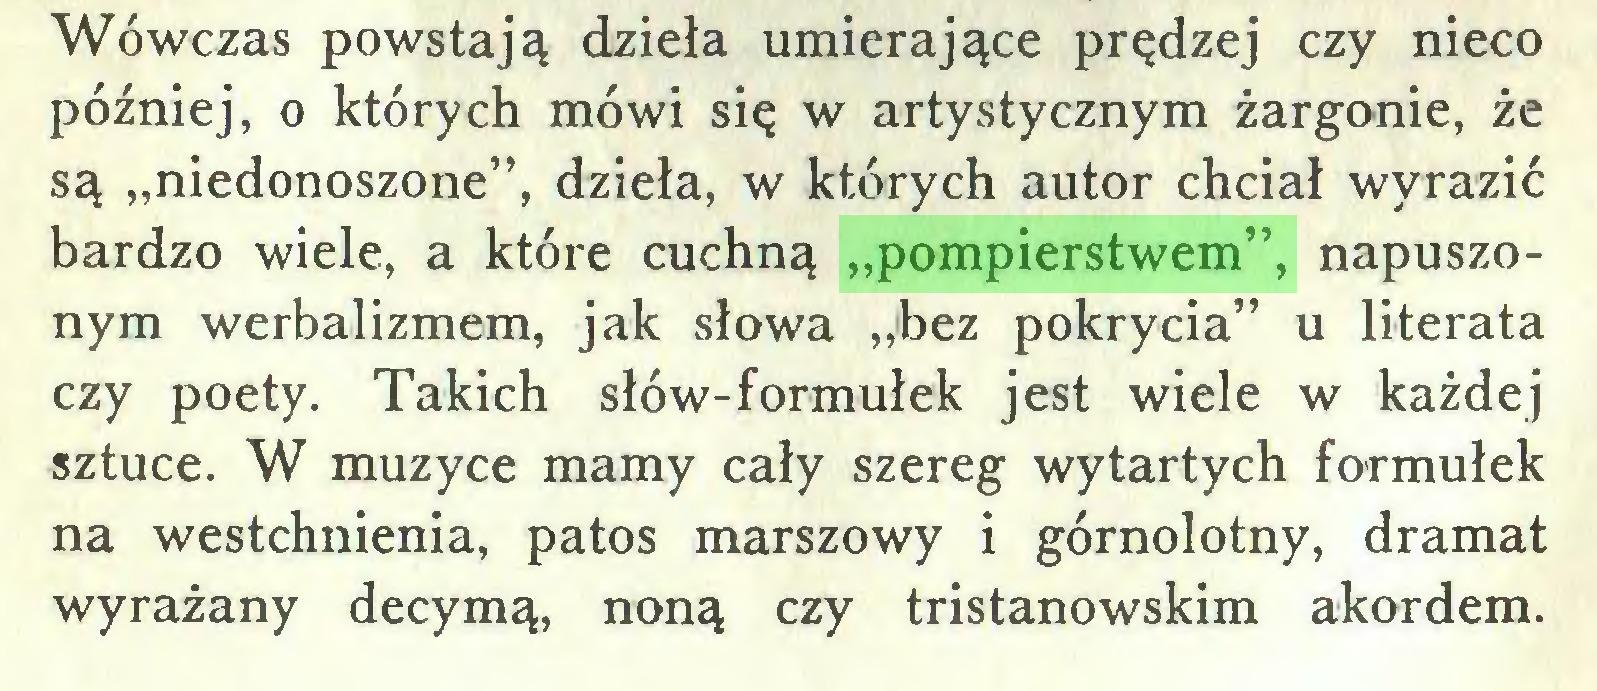 """(...) Wówczas powstają dzieła umierające prędzej czy nieco później, o których mówi się w artystycznym żargonie, że są """"niedonoszone"""", dzieła, w których autor chciał wyrazić bardzo wiele, a które cuchną """"pompierstwem"""", napuszonym werbalizmem, jak słowa """"bez pokrycia"""" u literata czy poety. Takich słów-formułek jest wiele w każdej sztuce. W muzyce mamy cały szereg wytartych formułek na westchnienia, patos marszowy i górnolotny, dramat wyrażany decymą, noną czy tristanowskim akordem..."""